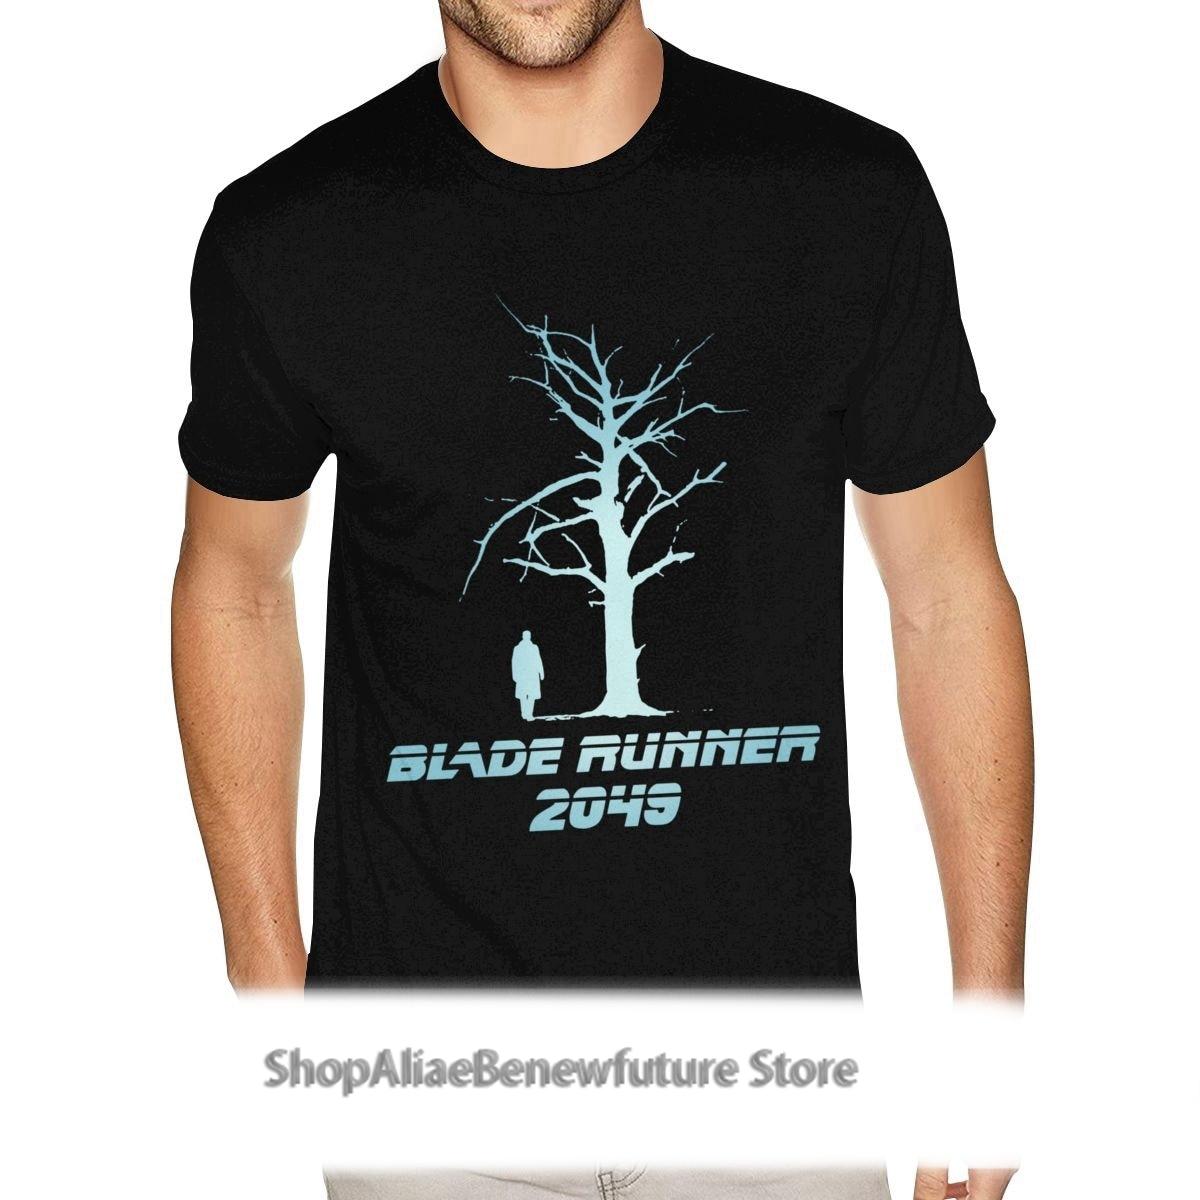 Camiseta personalizada con estampado de Blade Runner para hombre de camisas de...